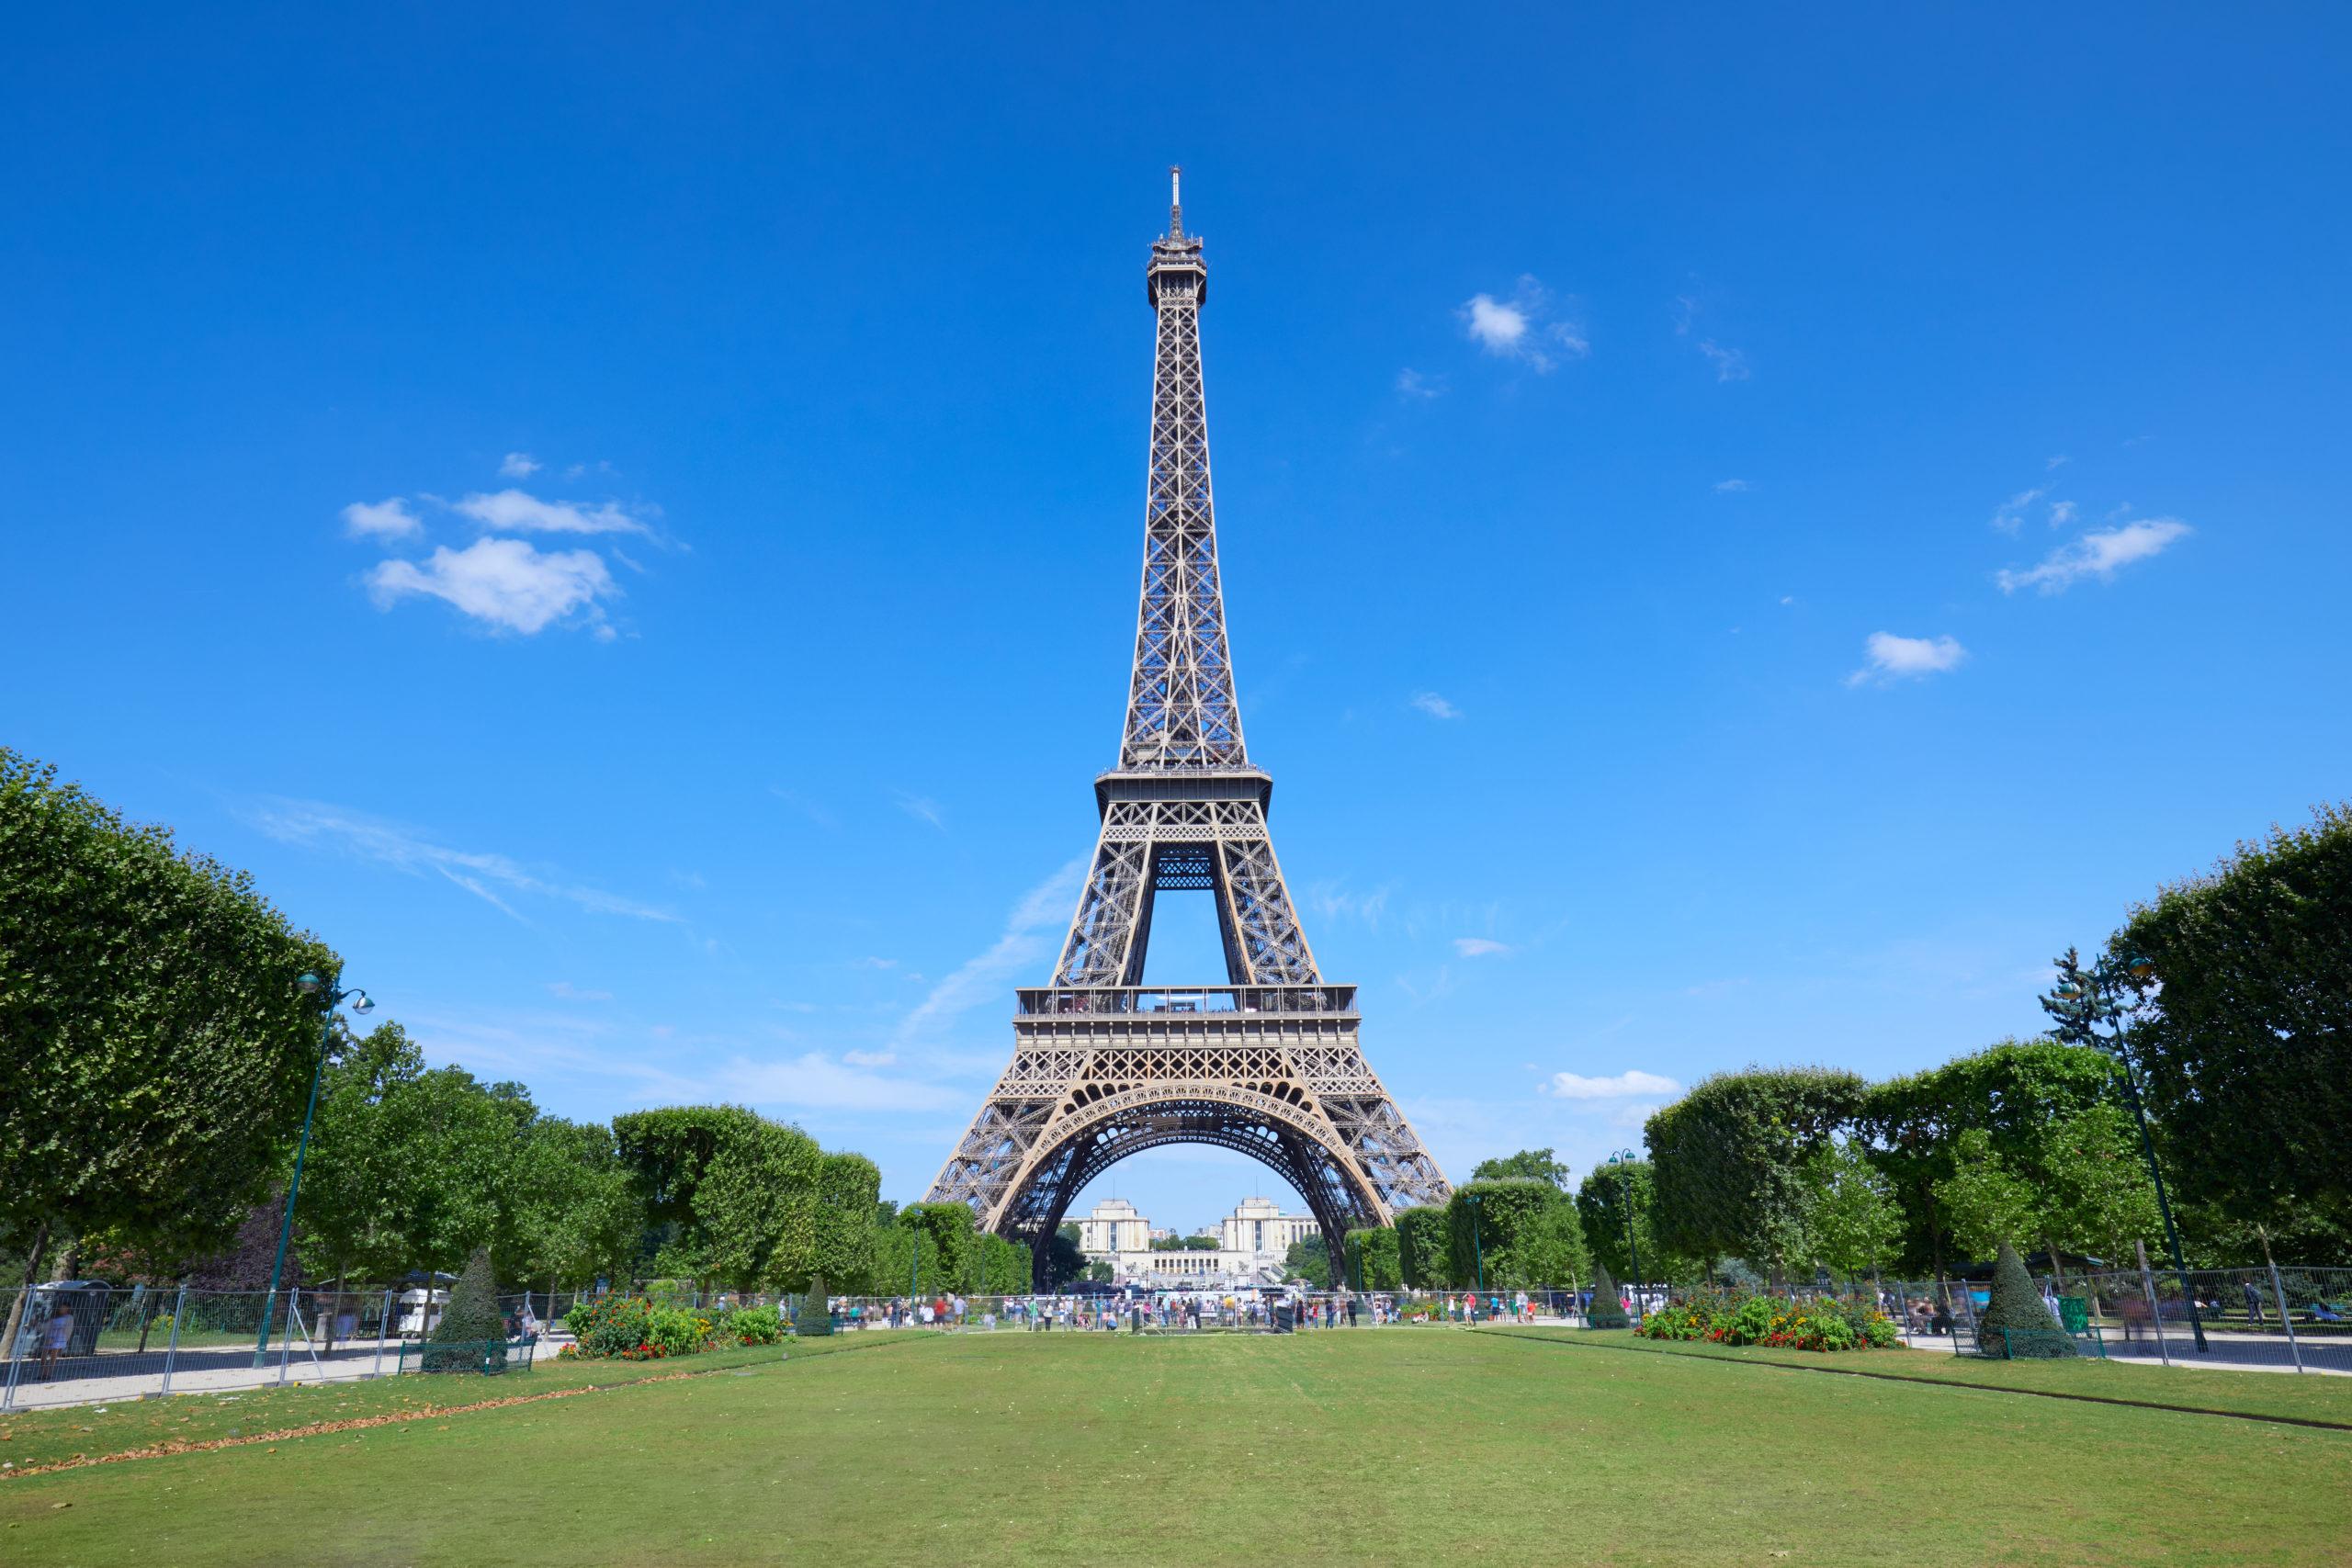 תרגום מסמכים לצרפתית בתמונה: -מגדל אייפל בפריס ושדה ירוק שמיים כחולים בהירים